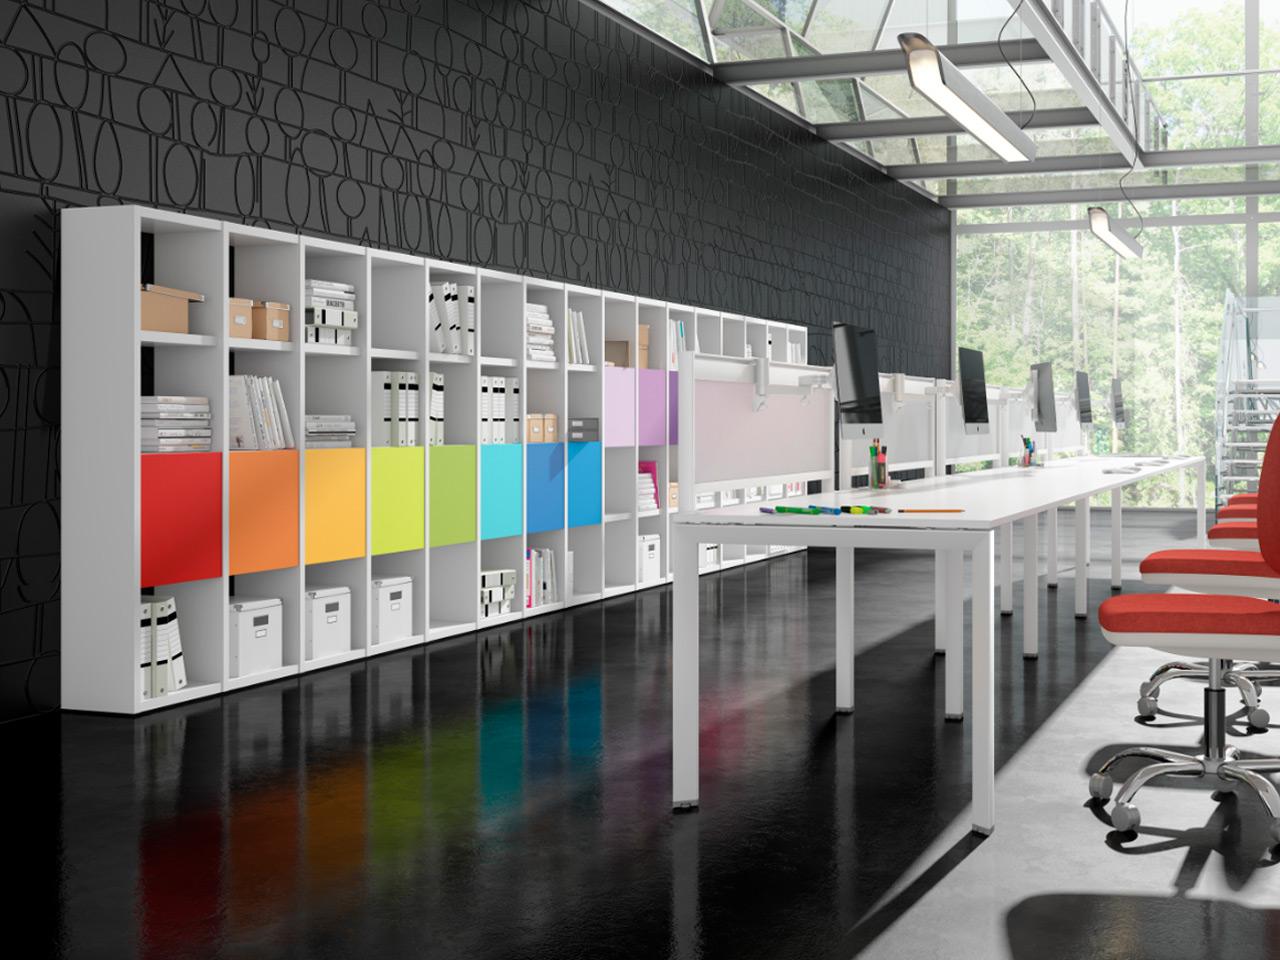 Descubre el incre ble poder de los colores para oficina for Espacios de oficina